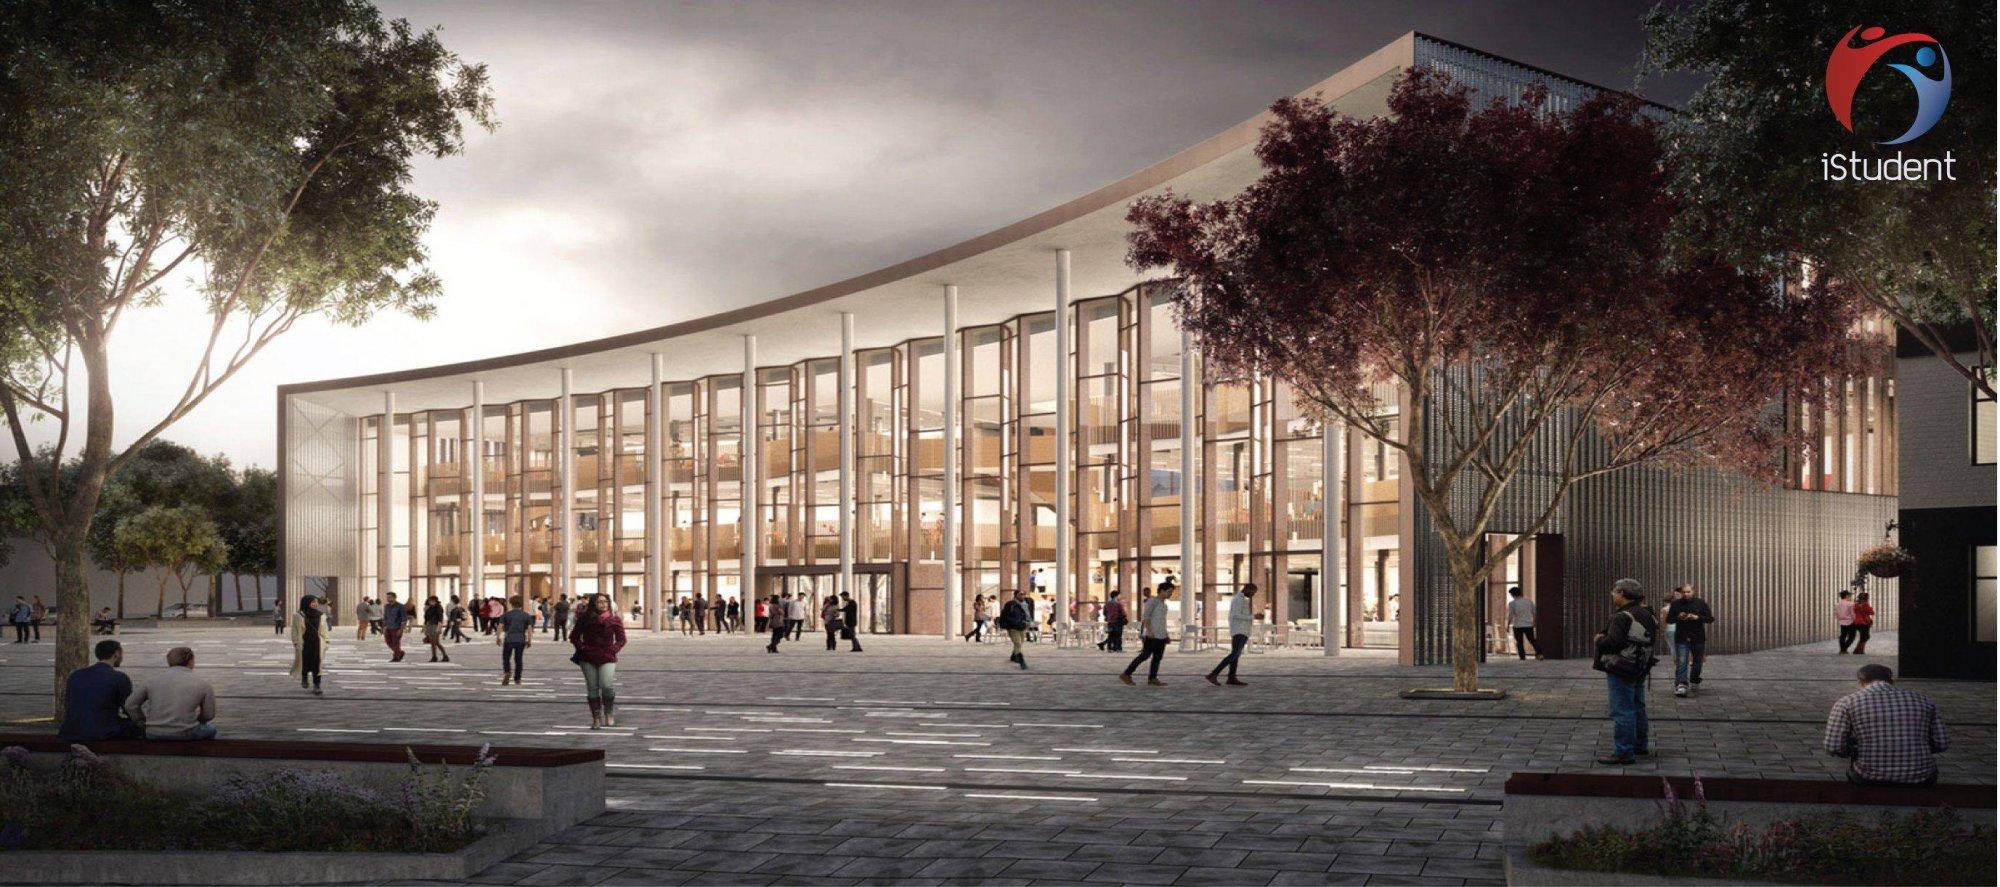 University of Central Lancashire - Du học